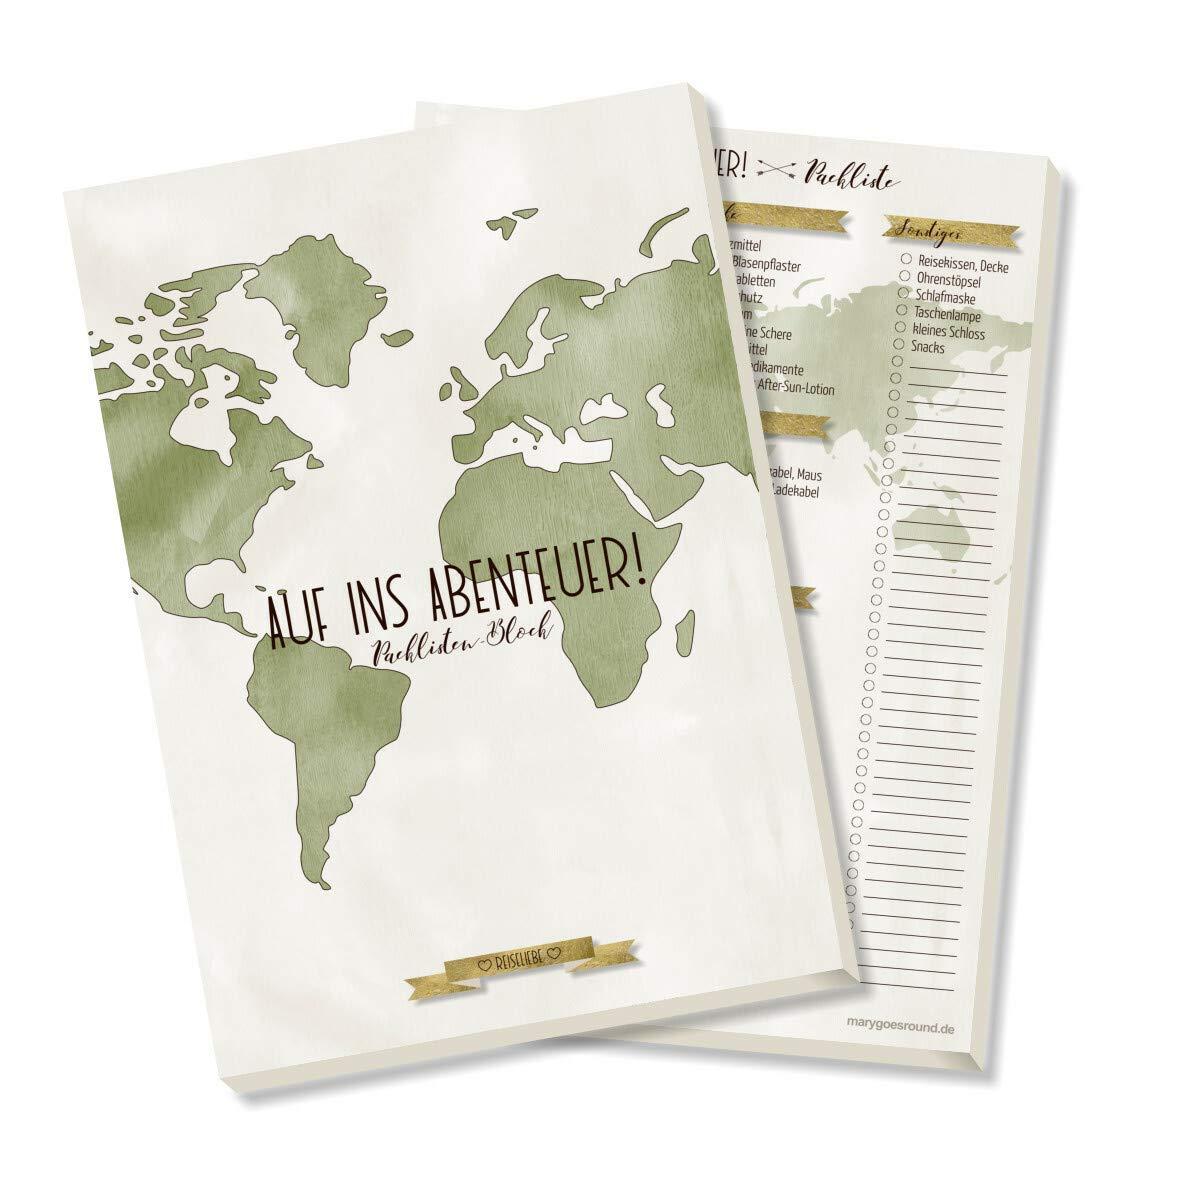 DIN A5 Packlisten-Block Kollektion: Reiseliebe Reisecheckliste zum Abhaken und Ausf/üllen 50 Blatt Reiseorganizer